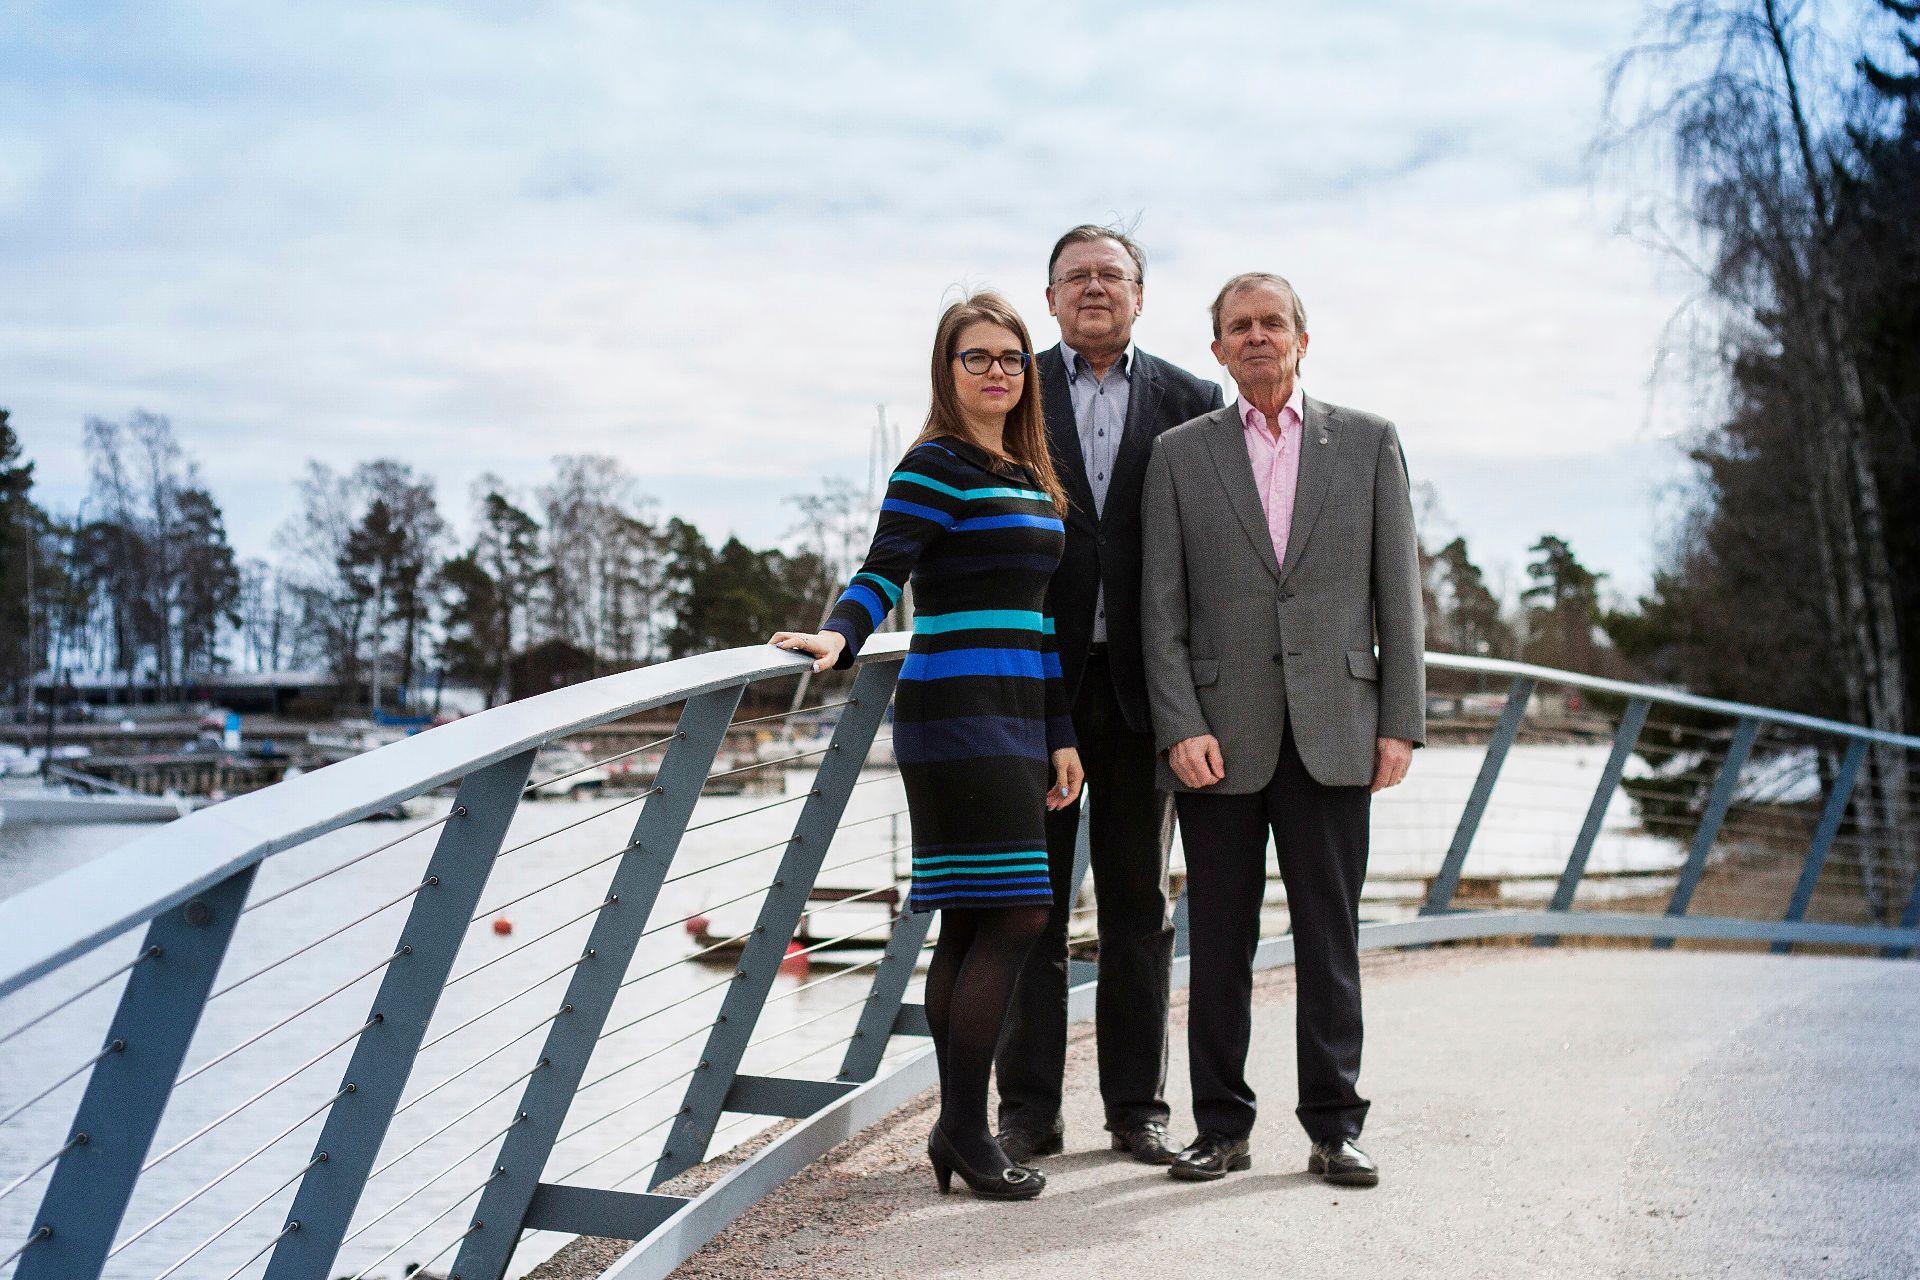 Jekaterina ja Andrei Samoilova sekä Pentti Flink perustivat 2015 Suomeen Eremitaasin ystävien seuran. Gaskelbergeistä ei juuri valokuvia löydy. © Kuvakaappaus